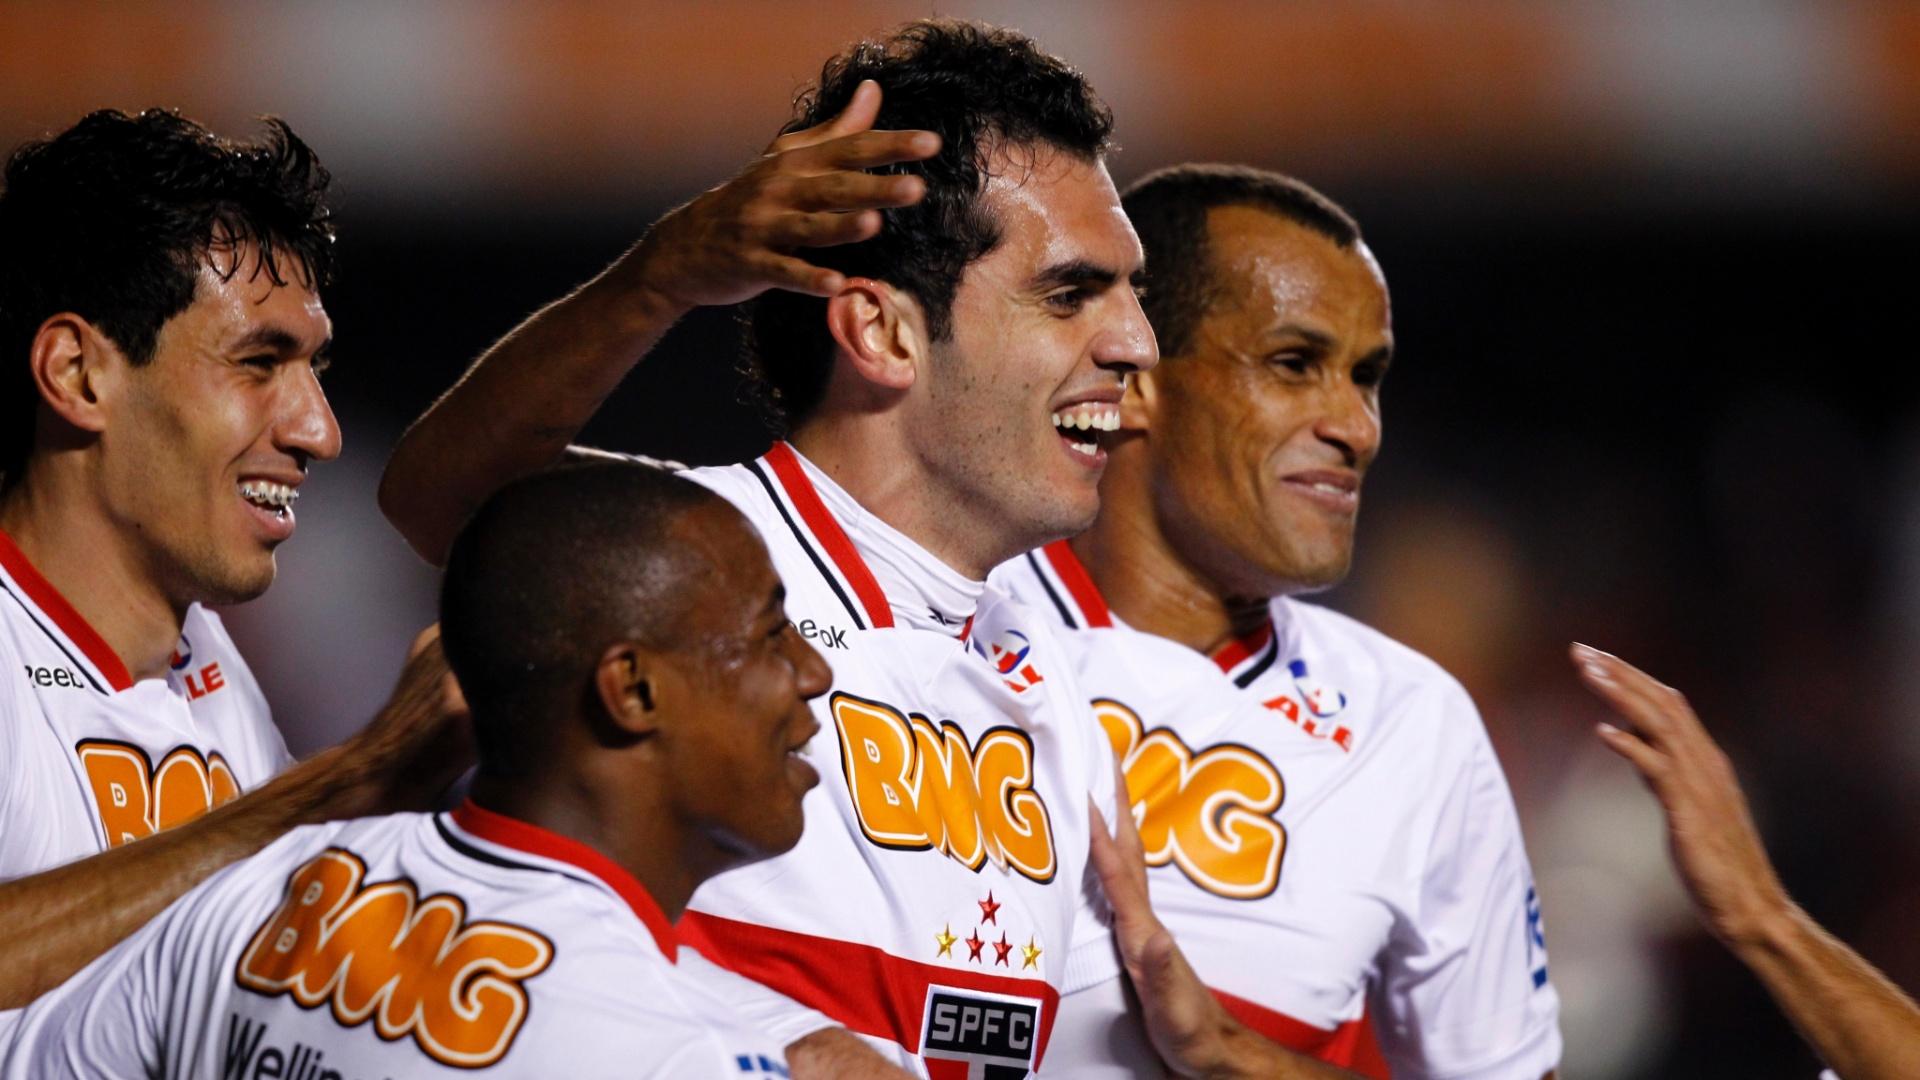 Rhodolfo comemora o primeiro gol do São Paulo com Wellington e Rivaldo